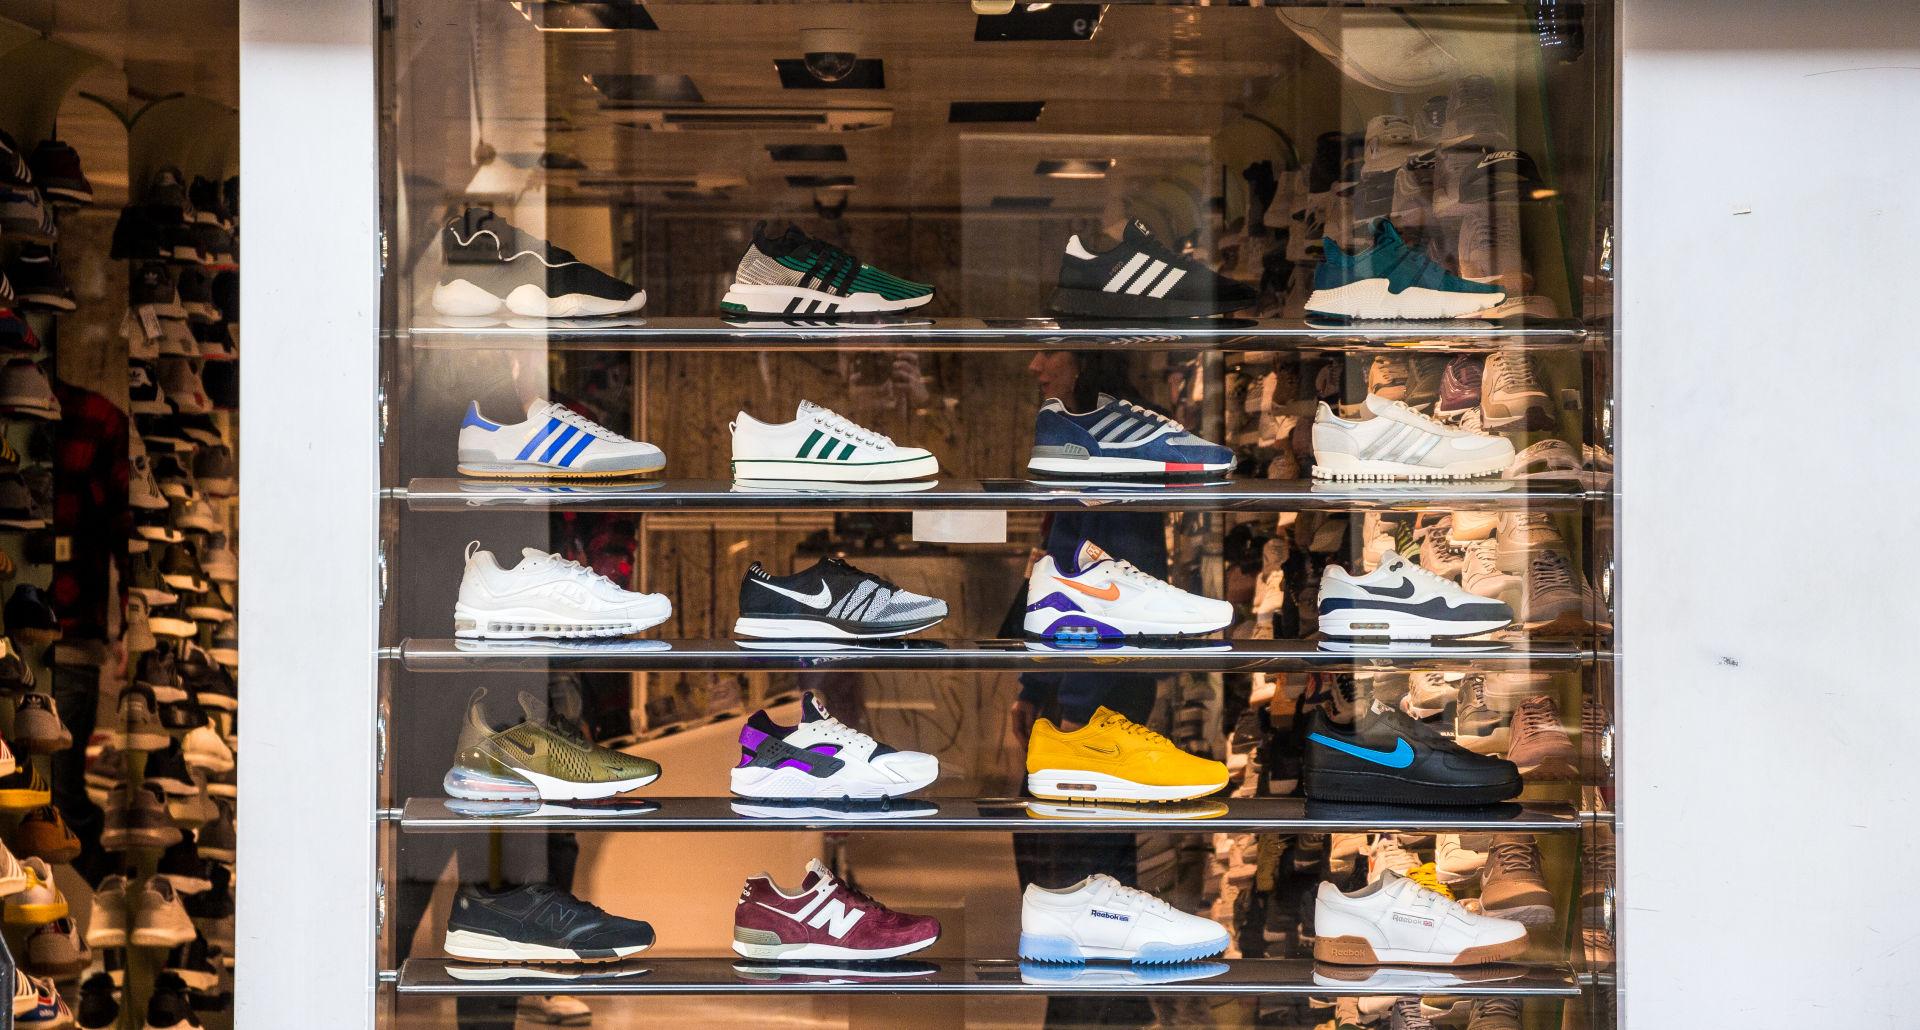 Nike is the No. 1 footwear favorite brand among teens